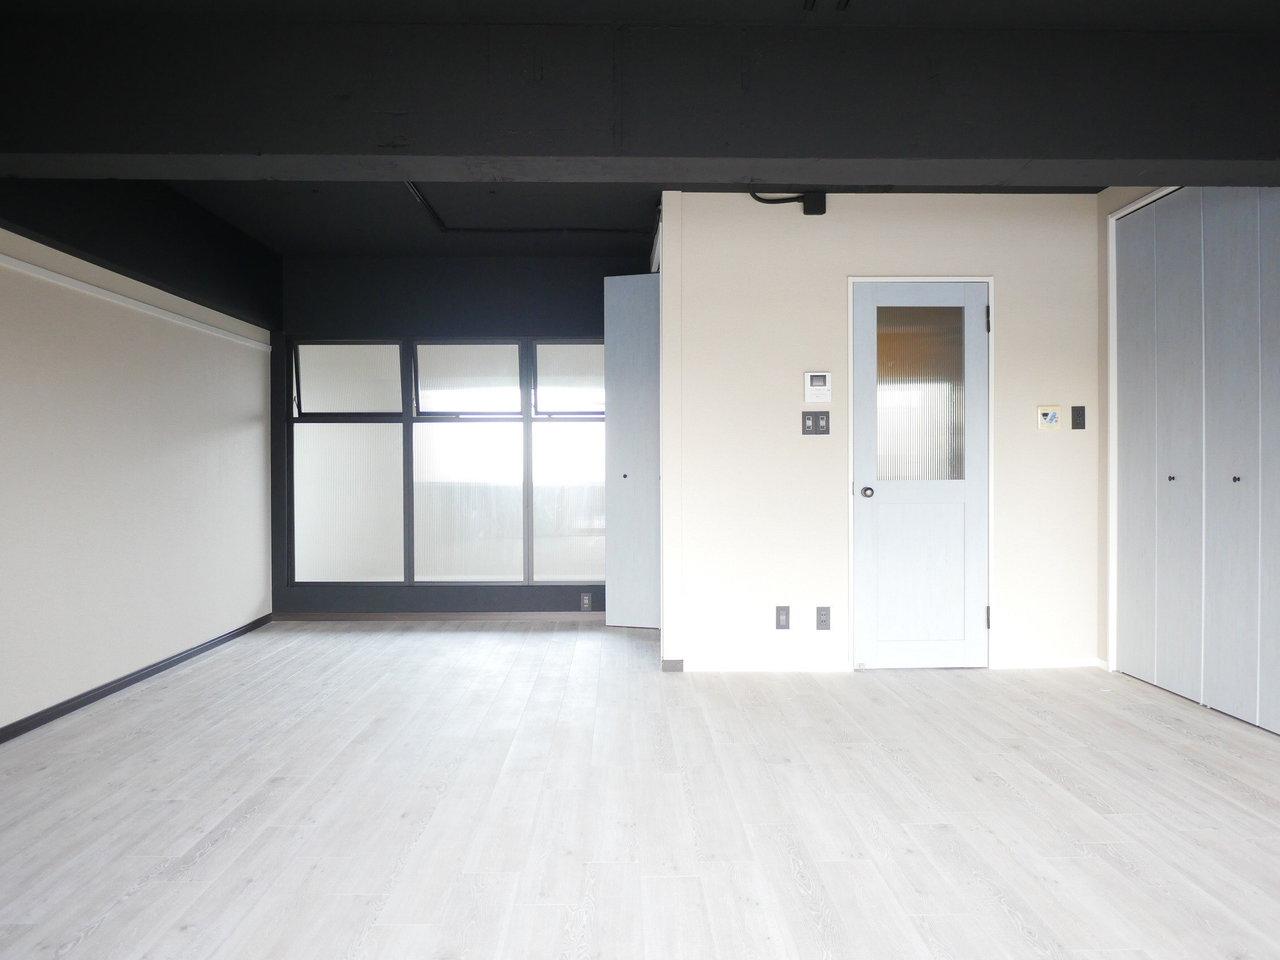 最後は築38年の、1LDK物件。天井に黒をもってきているのがなんともかっこいい。シックでおしゃれな空間になりそう。